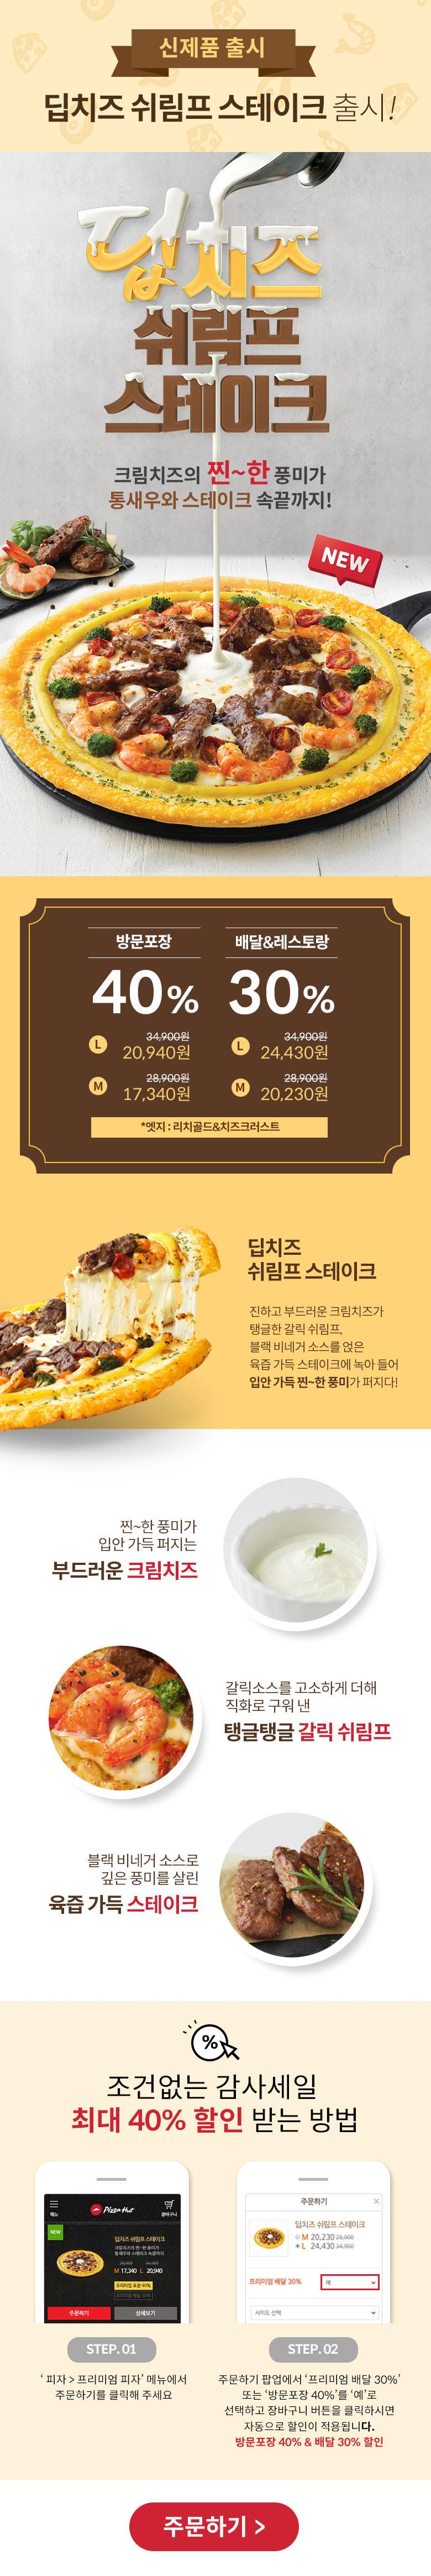 딥치즈 쉬림프 스테이크 피자 출시의 상세정보 안내 이미지